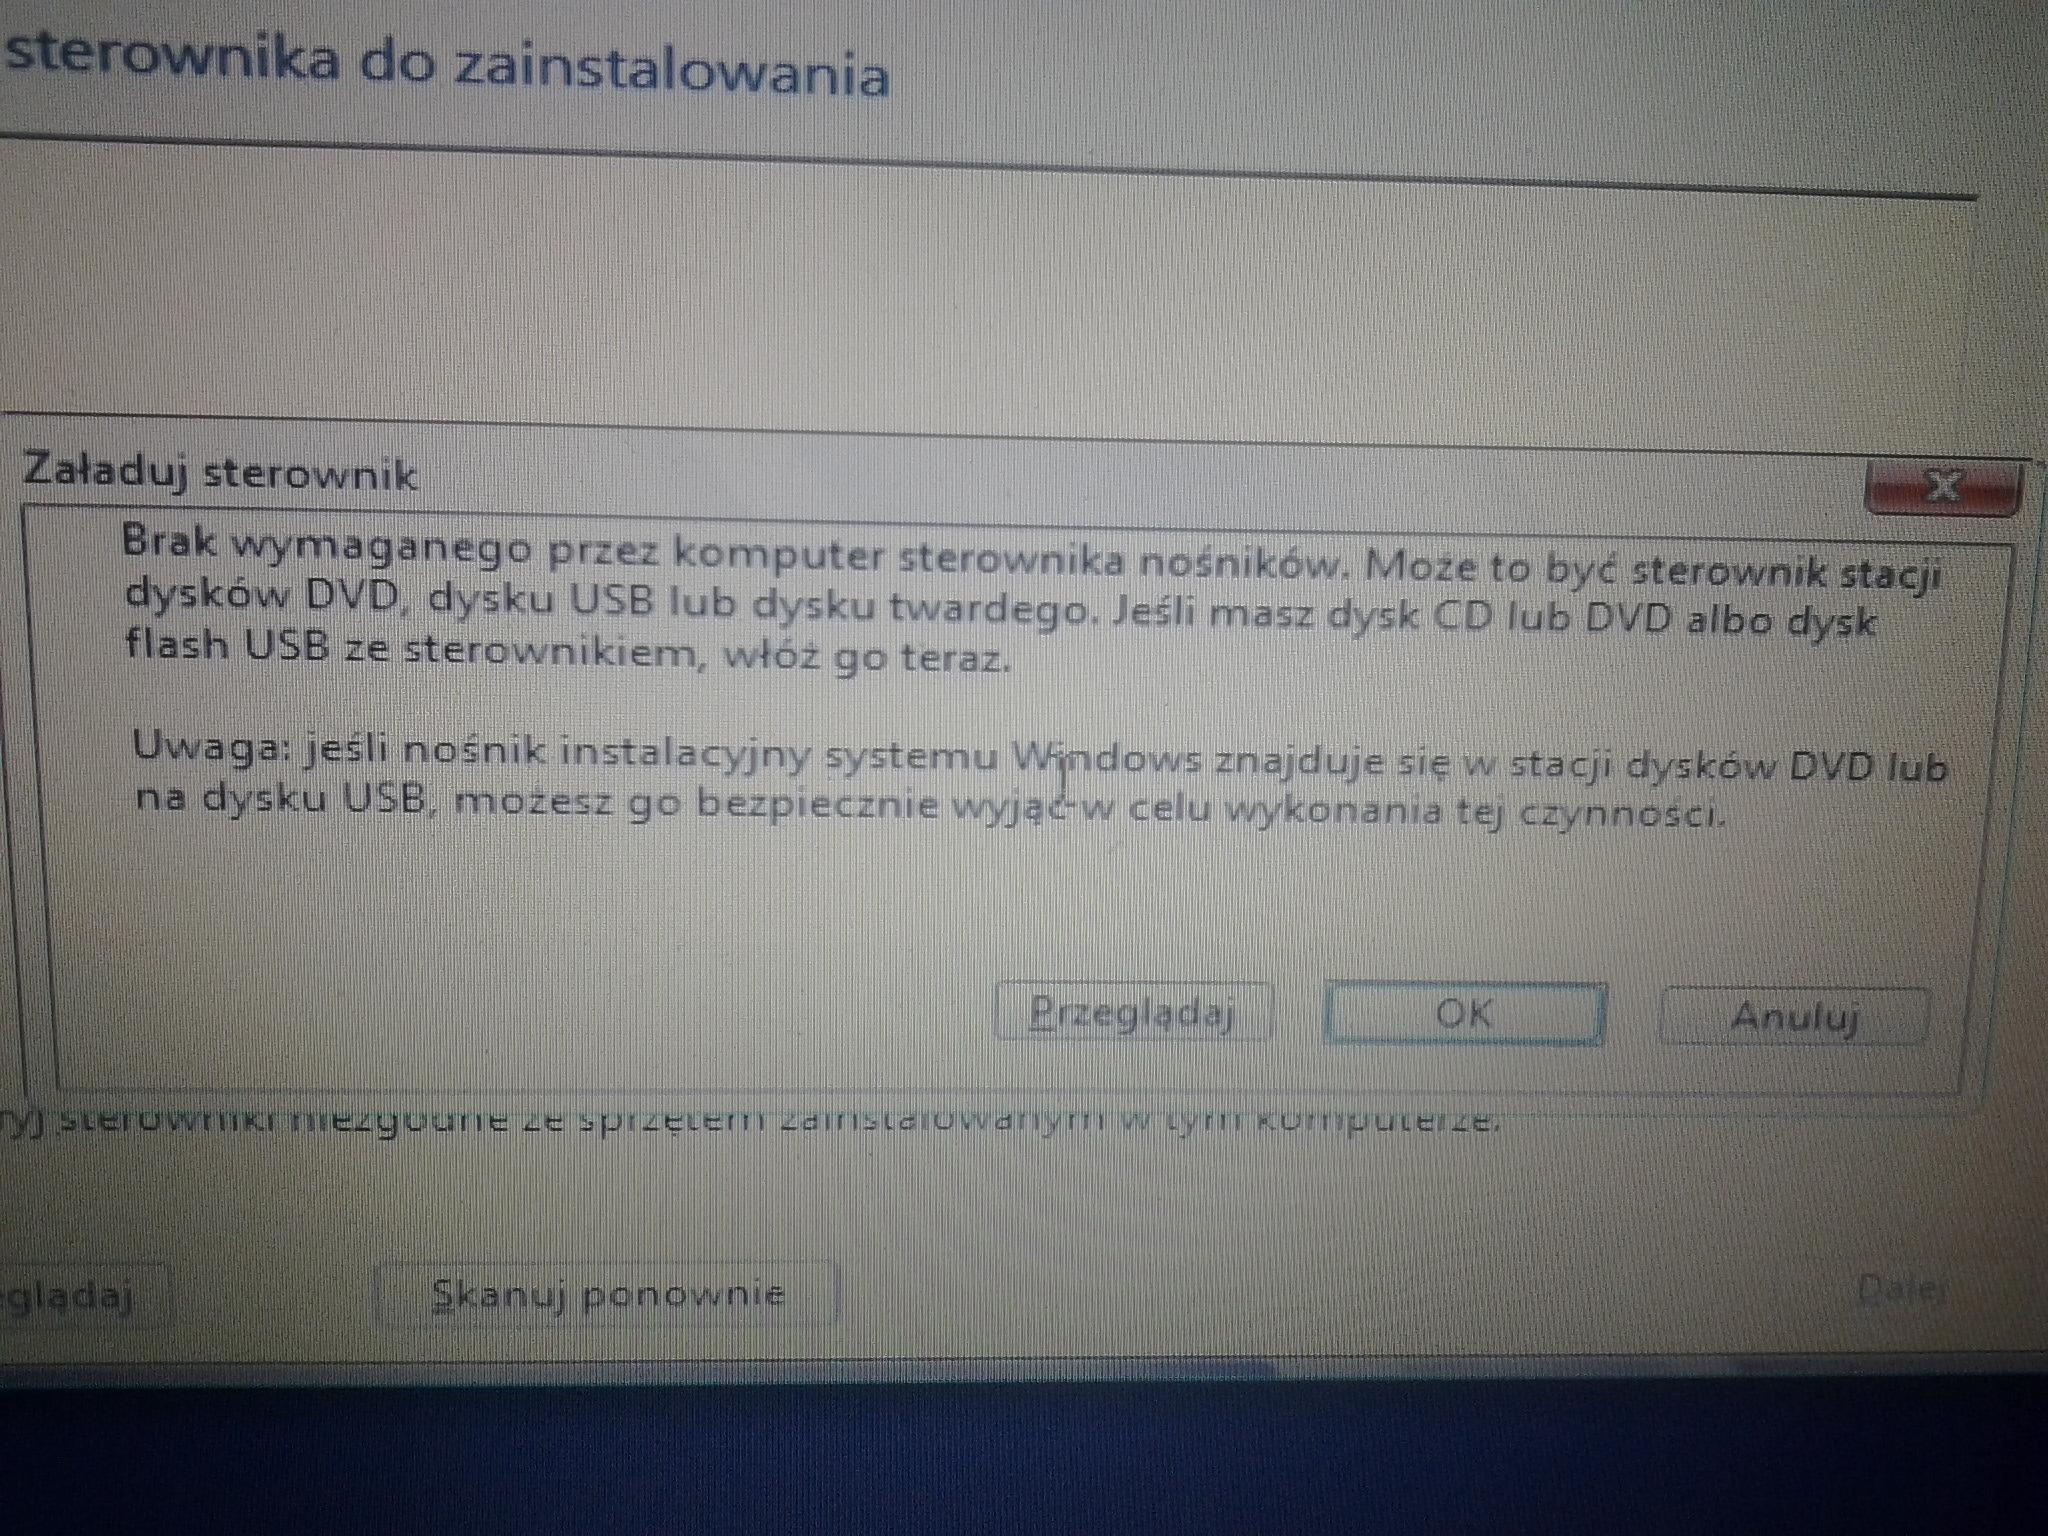 Asus F5SL - Instalacja Windows 8 - brak wymaganych sterownik�w podczas instalacj